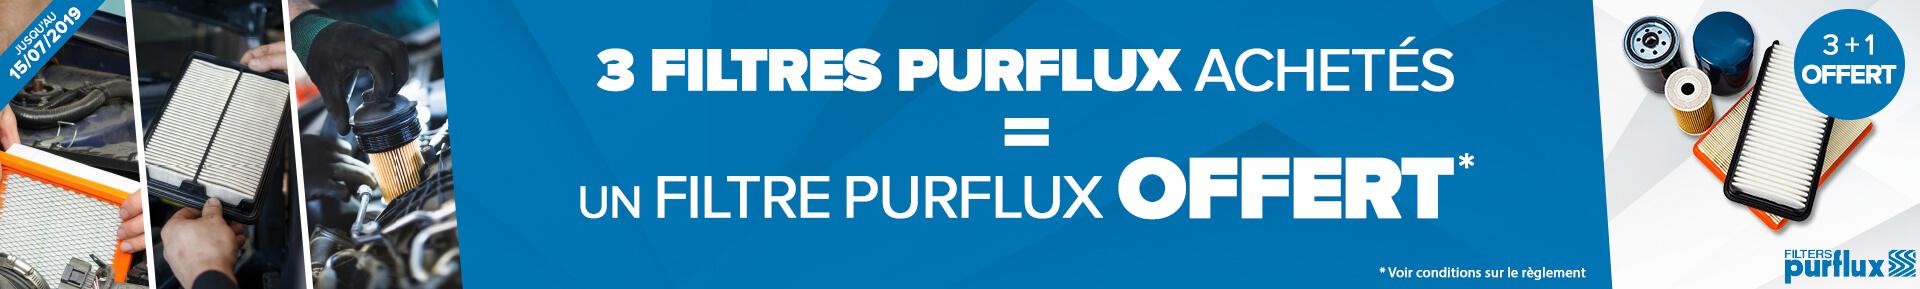 3 filtres PURFLUX achetés = 1 filtre à huile PURFLUX offert *